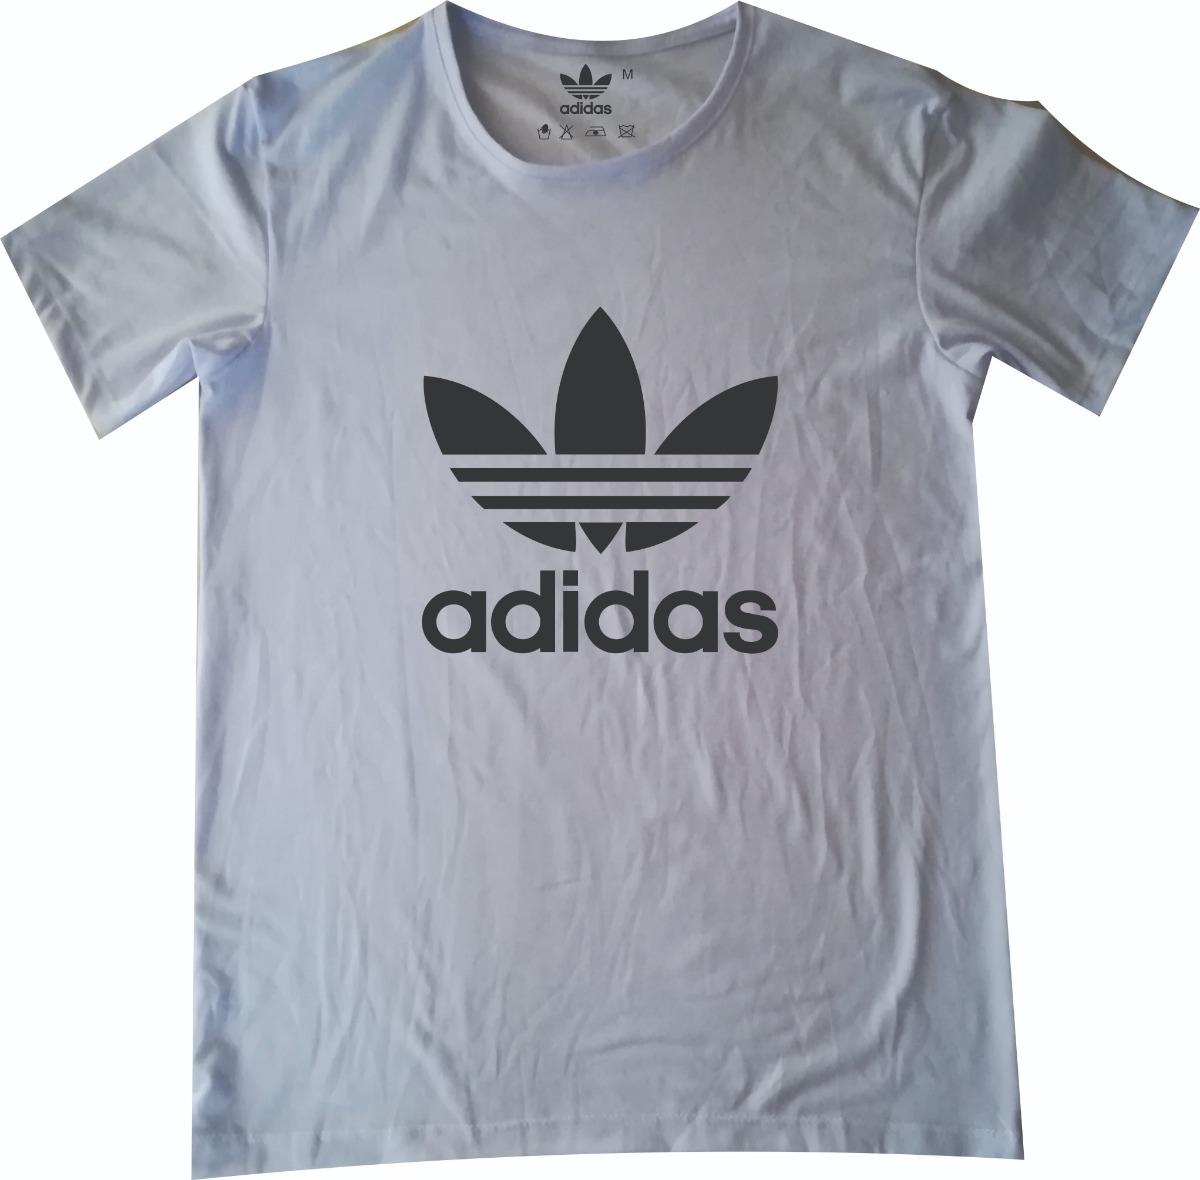 4af0159950 Camisetas Variadas Hombre Dama Y Niños Todas Tallas -   32.000 en ...